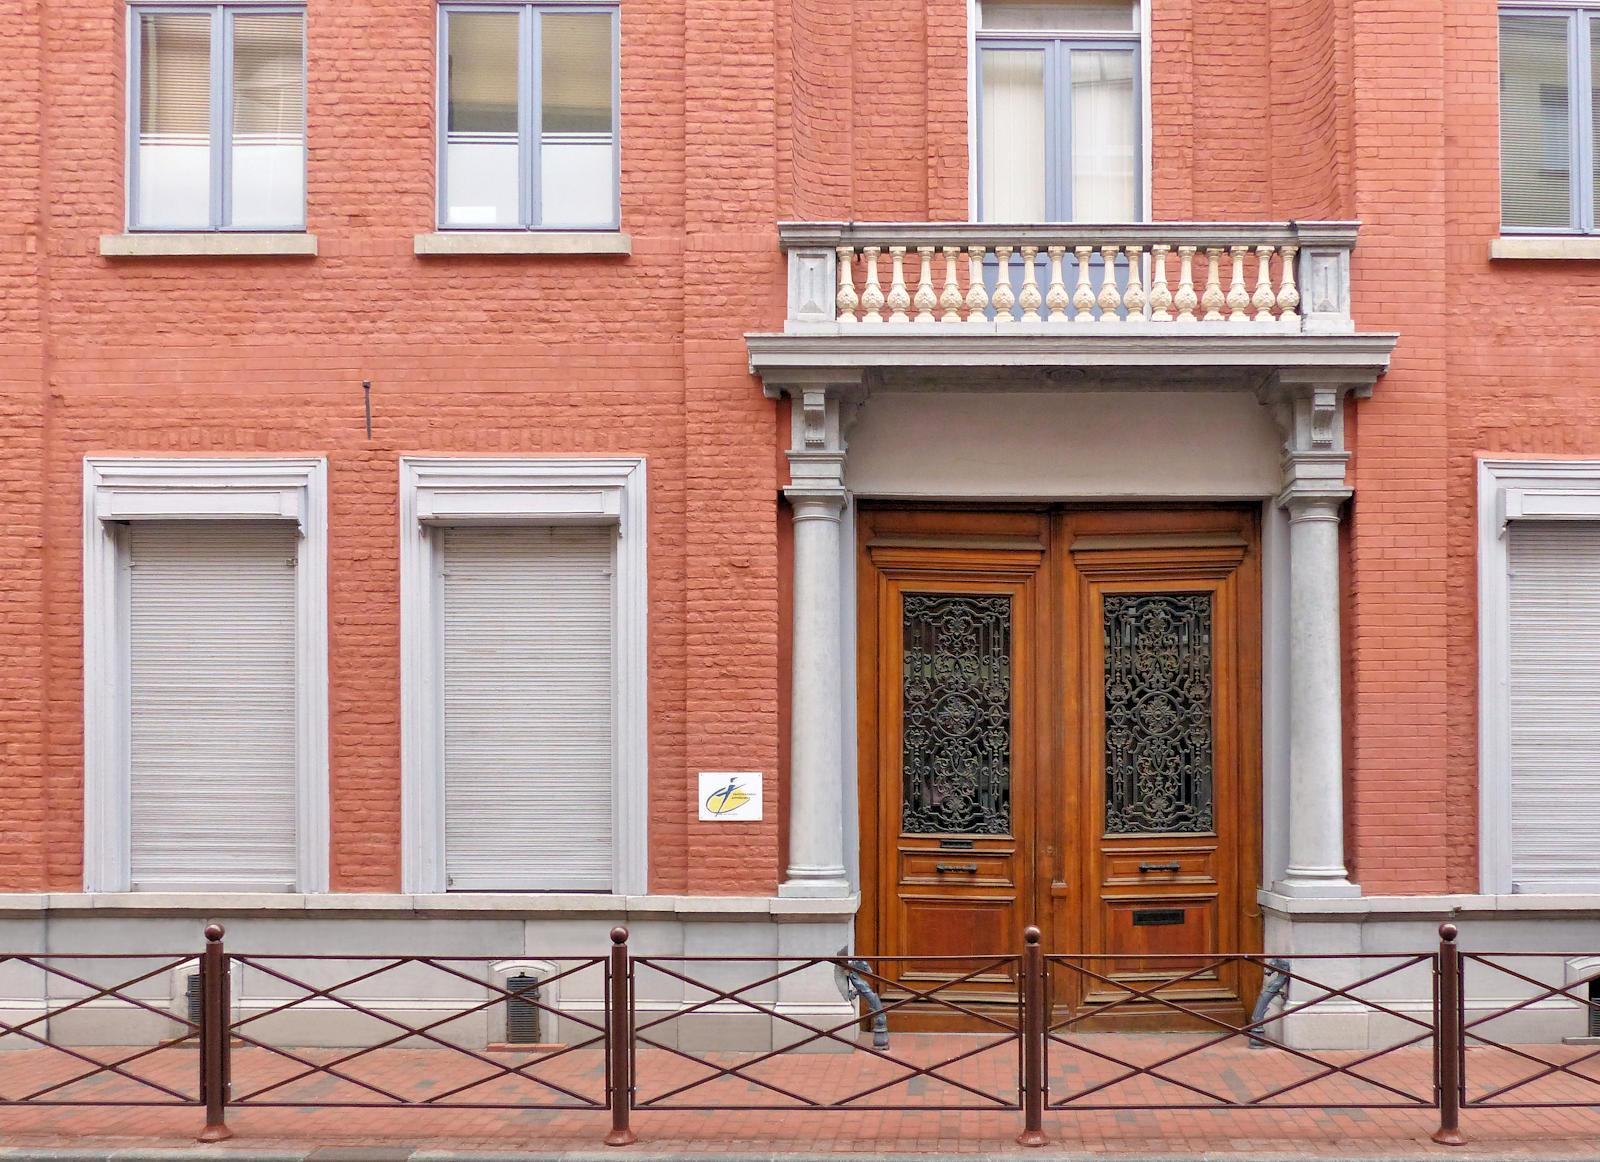 École Primaire privée catholique CNDI - Cours Notre Dame Immaculée